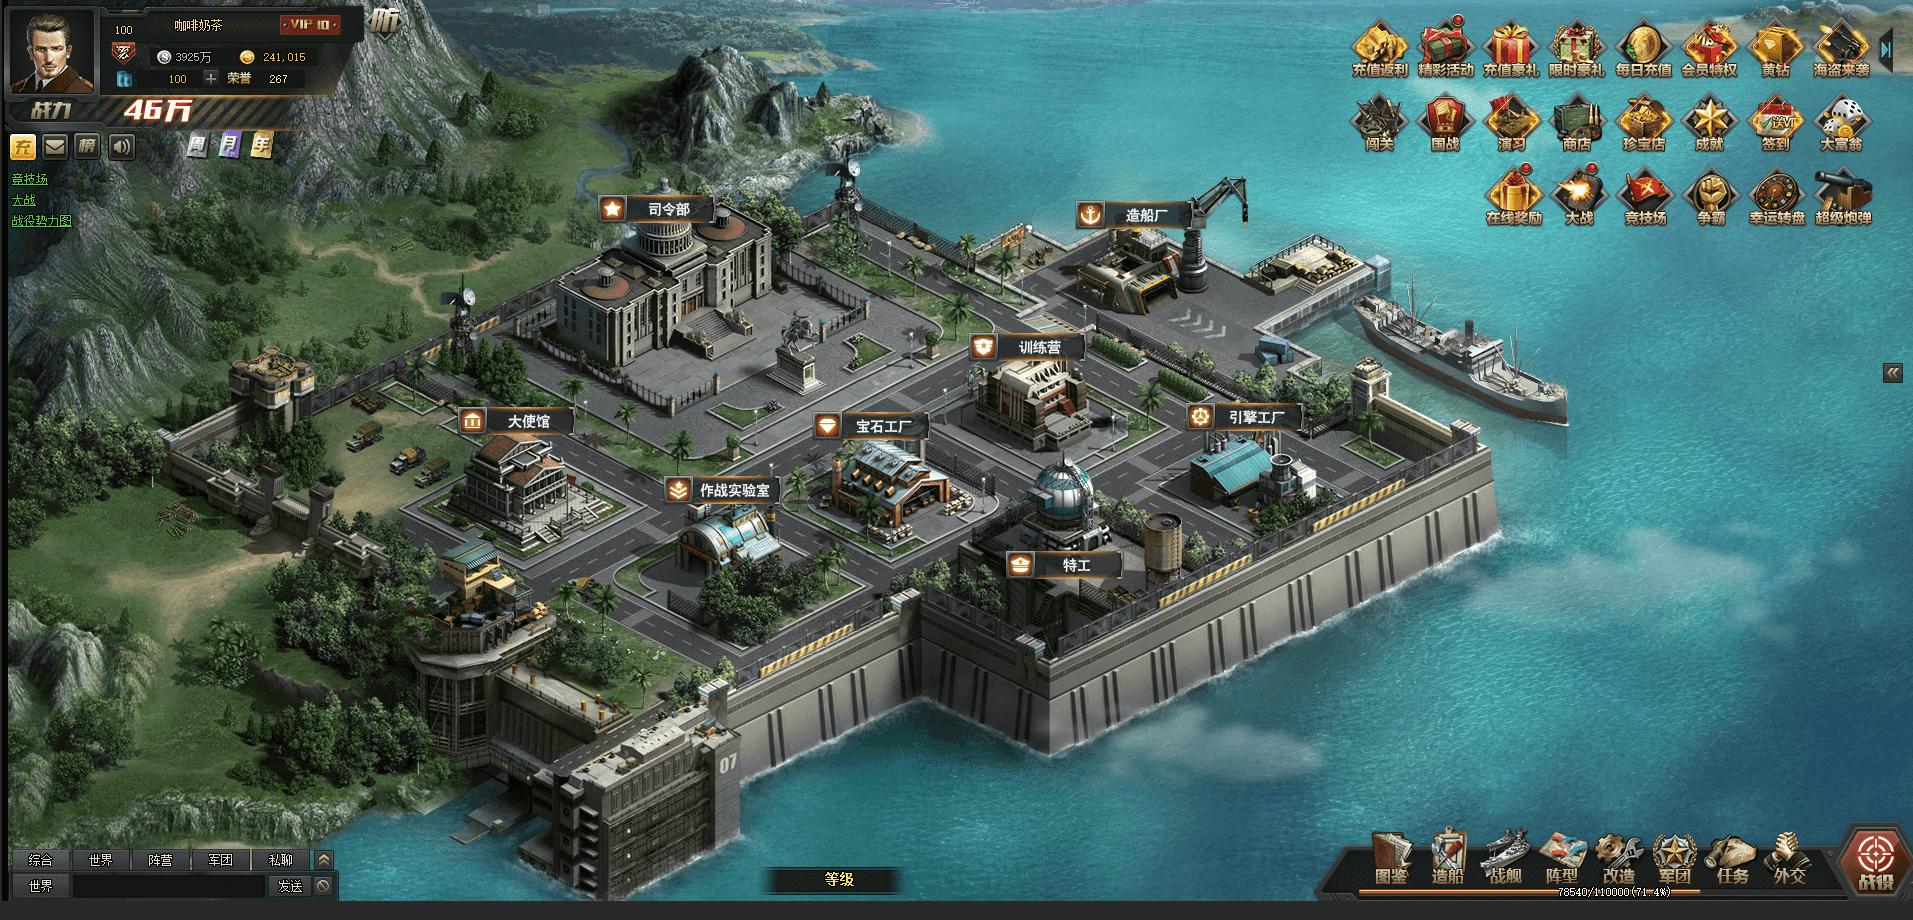 舰队黎明游戏截图5